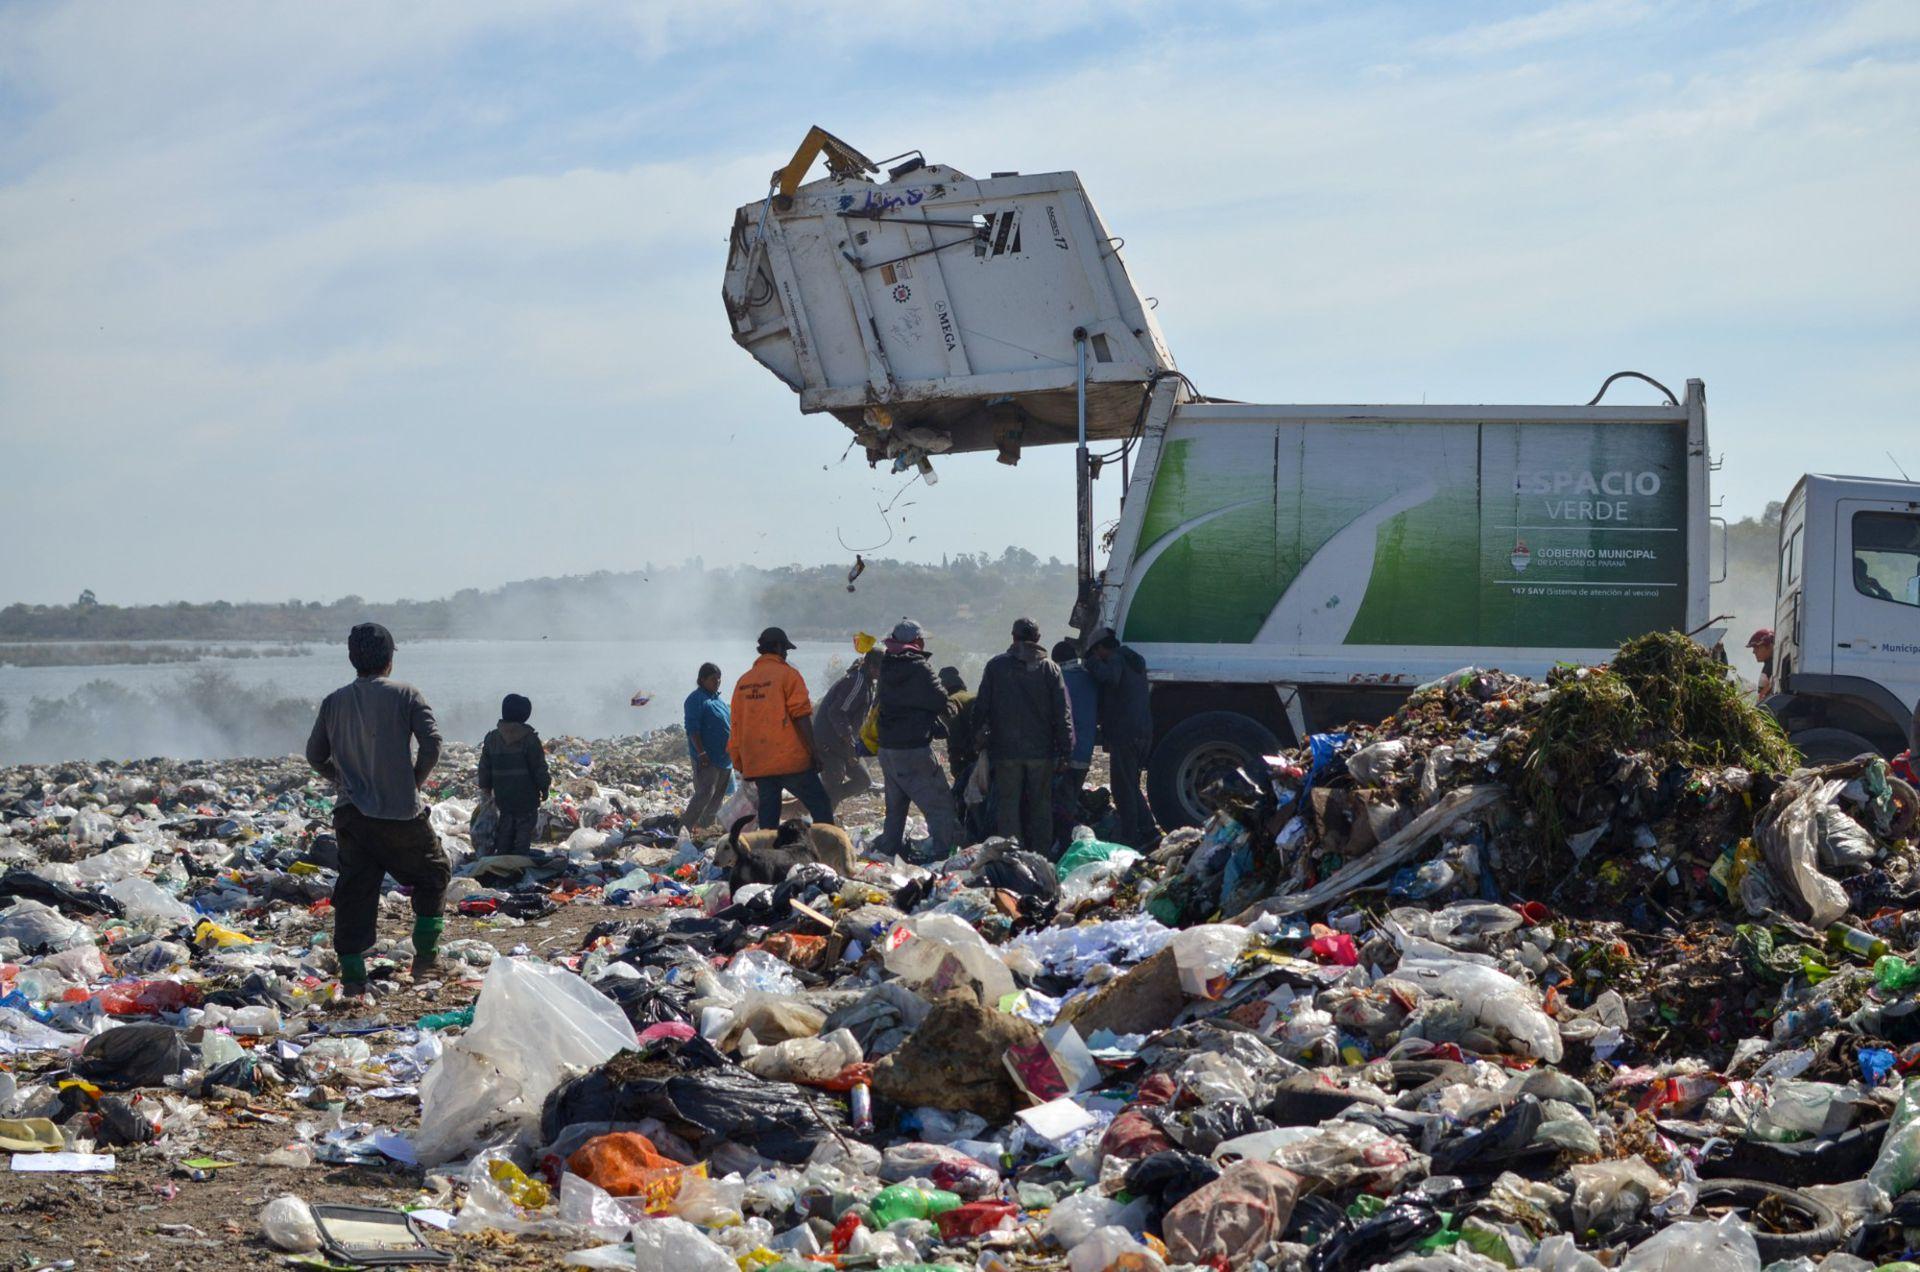 El Volcadero es un basural a cielo abierto donde se tiran 250 toneladas de basura por día. De esos desechos viven, según cifras oficiales, 200 familias. Para las ONG serían 700